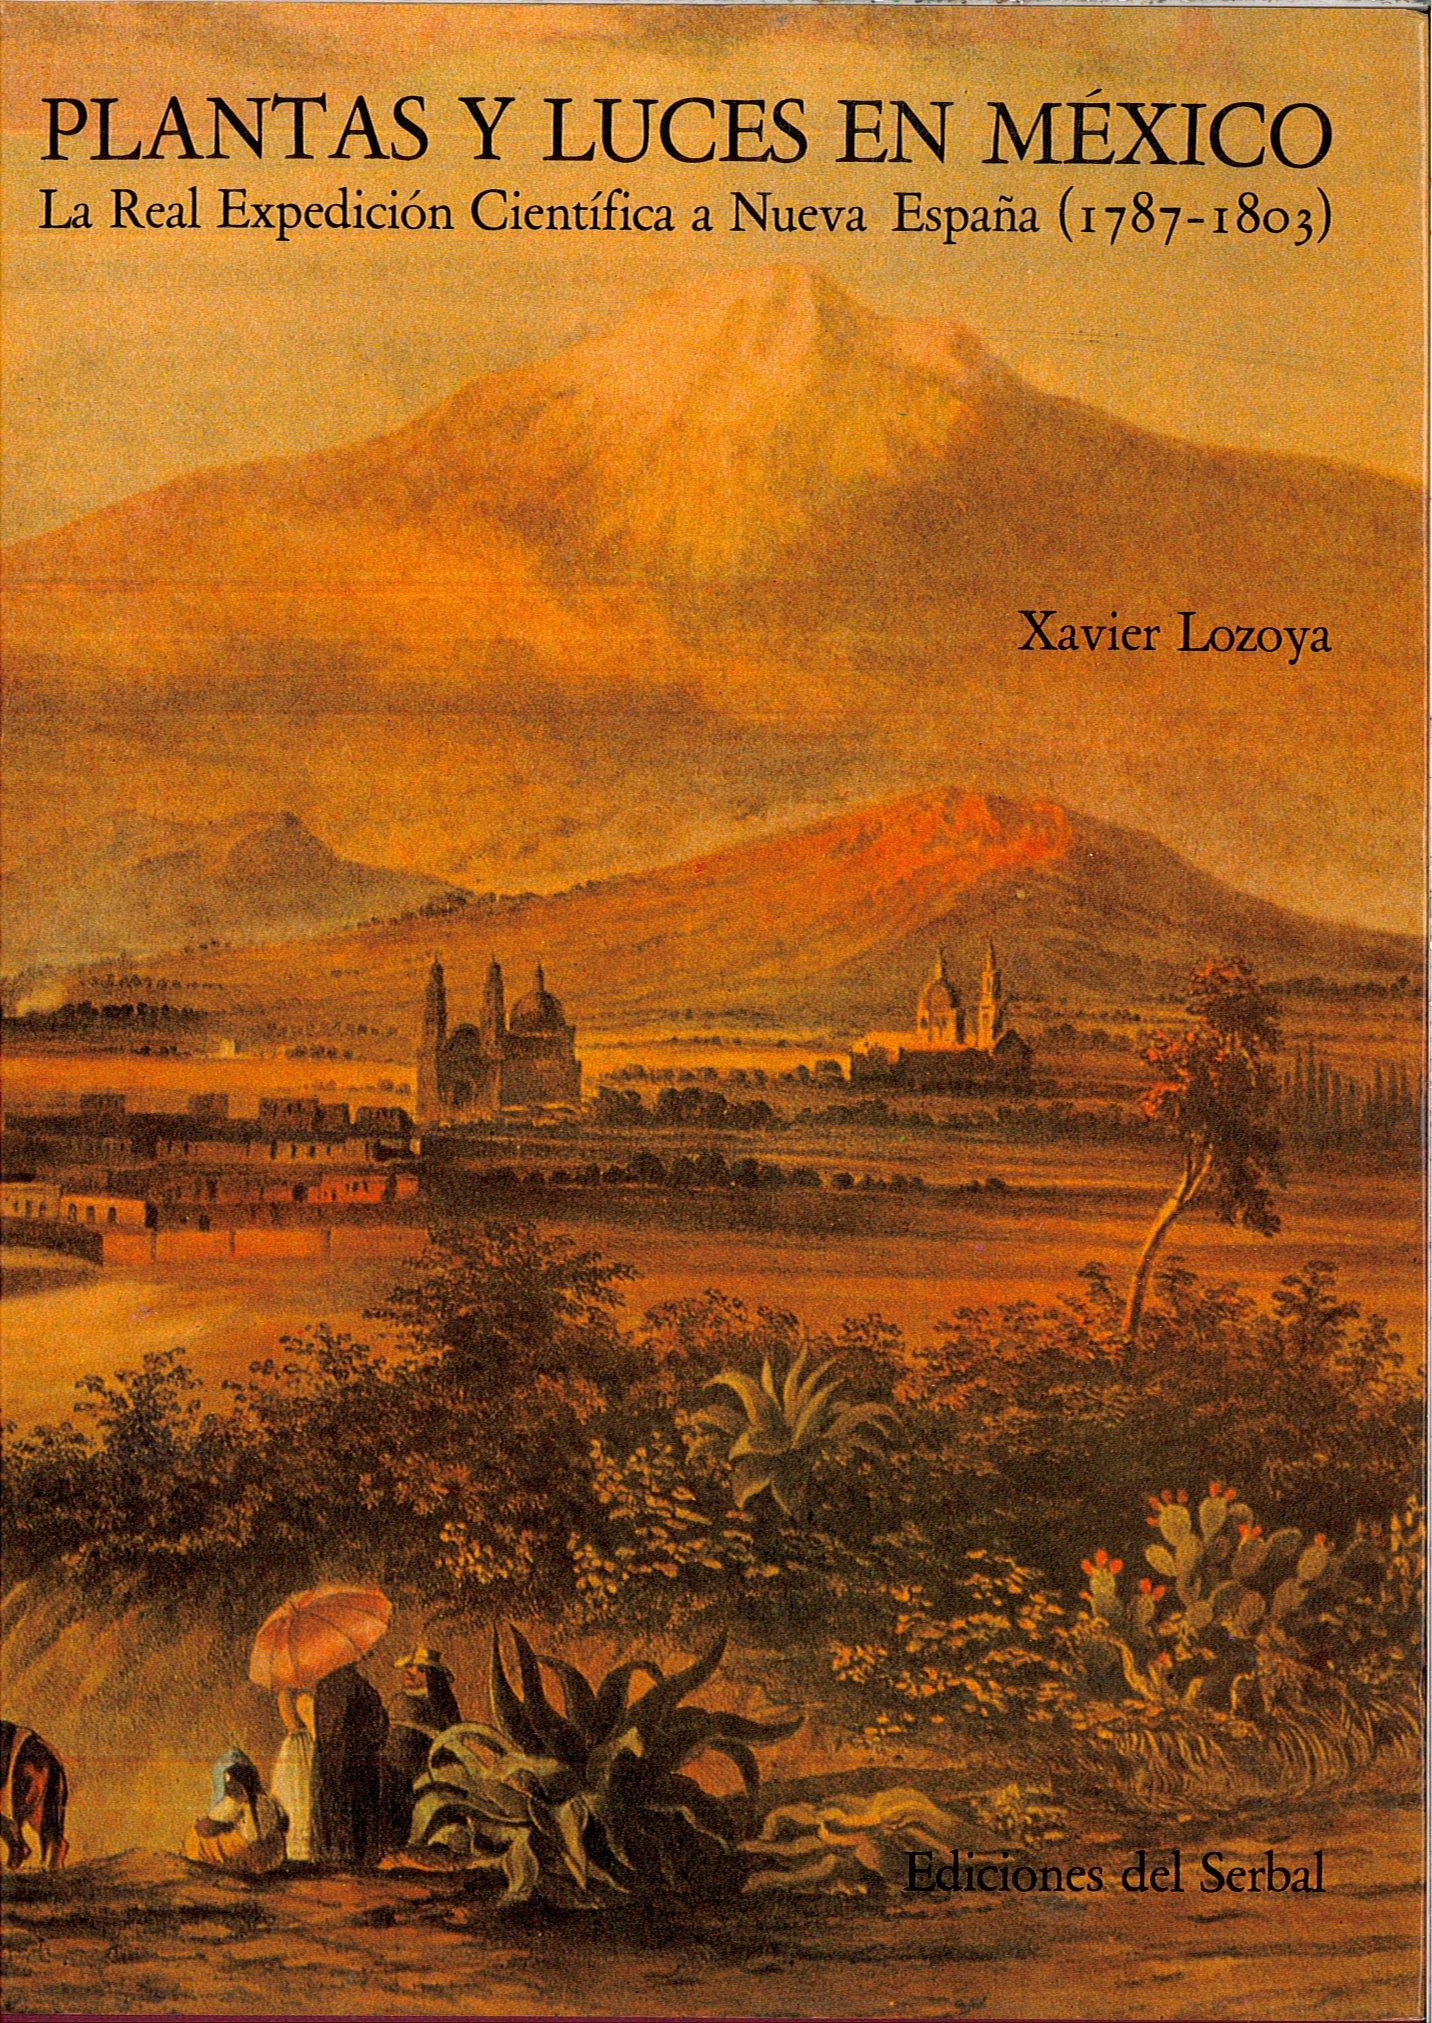 PLANTAS Y LUCES EN MEXICO La Real Expedicion Cientifica a Nueva España 1787-1803: Amazon.es: XAVIER LOZOYA, EDICIONES DEL SERBAL: Libros